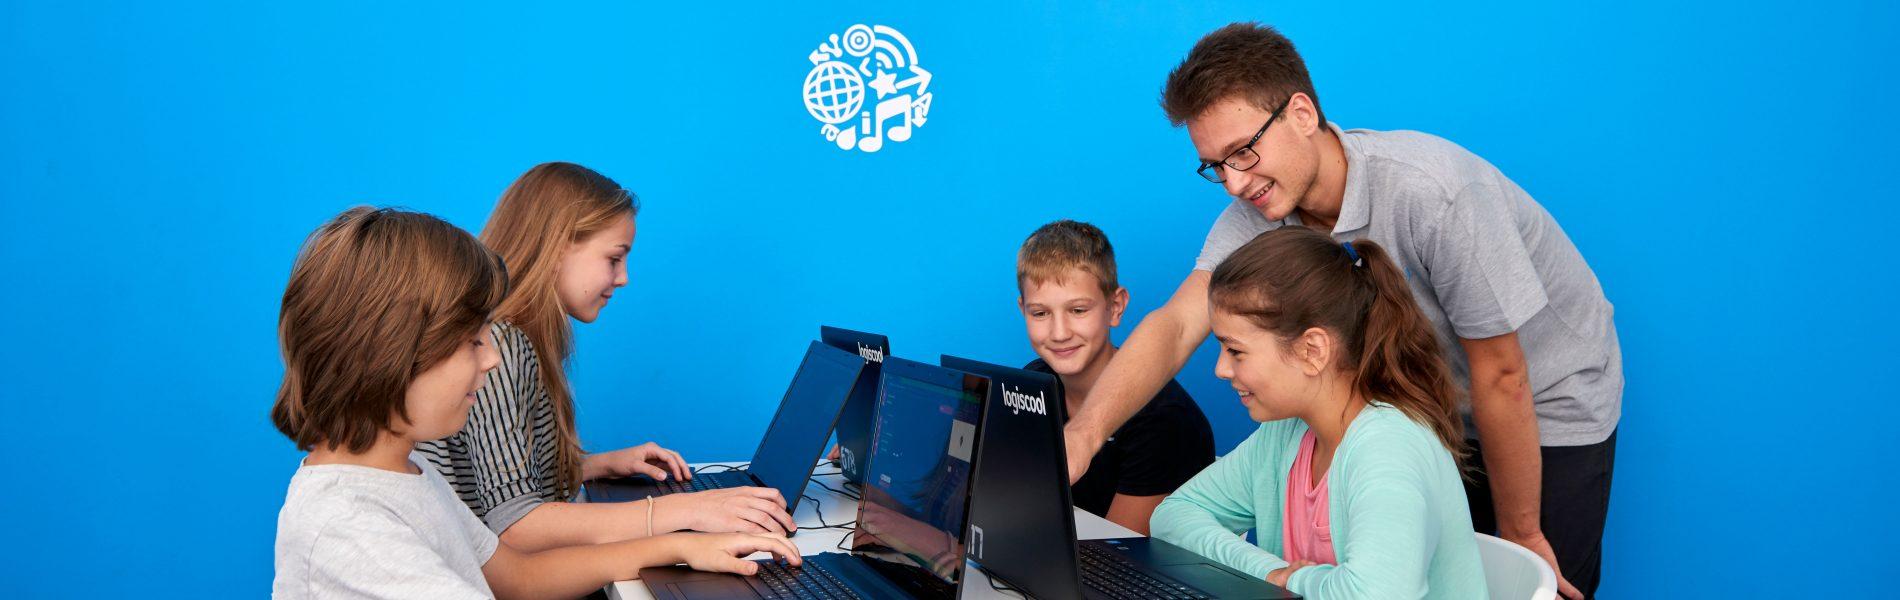 Vier Kinder sitzen vor Laptops und ein junger Mann schaut dabei zu. Der Hintergrund ist leuchtend blau.